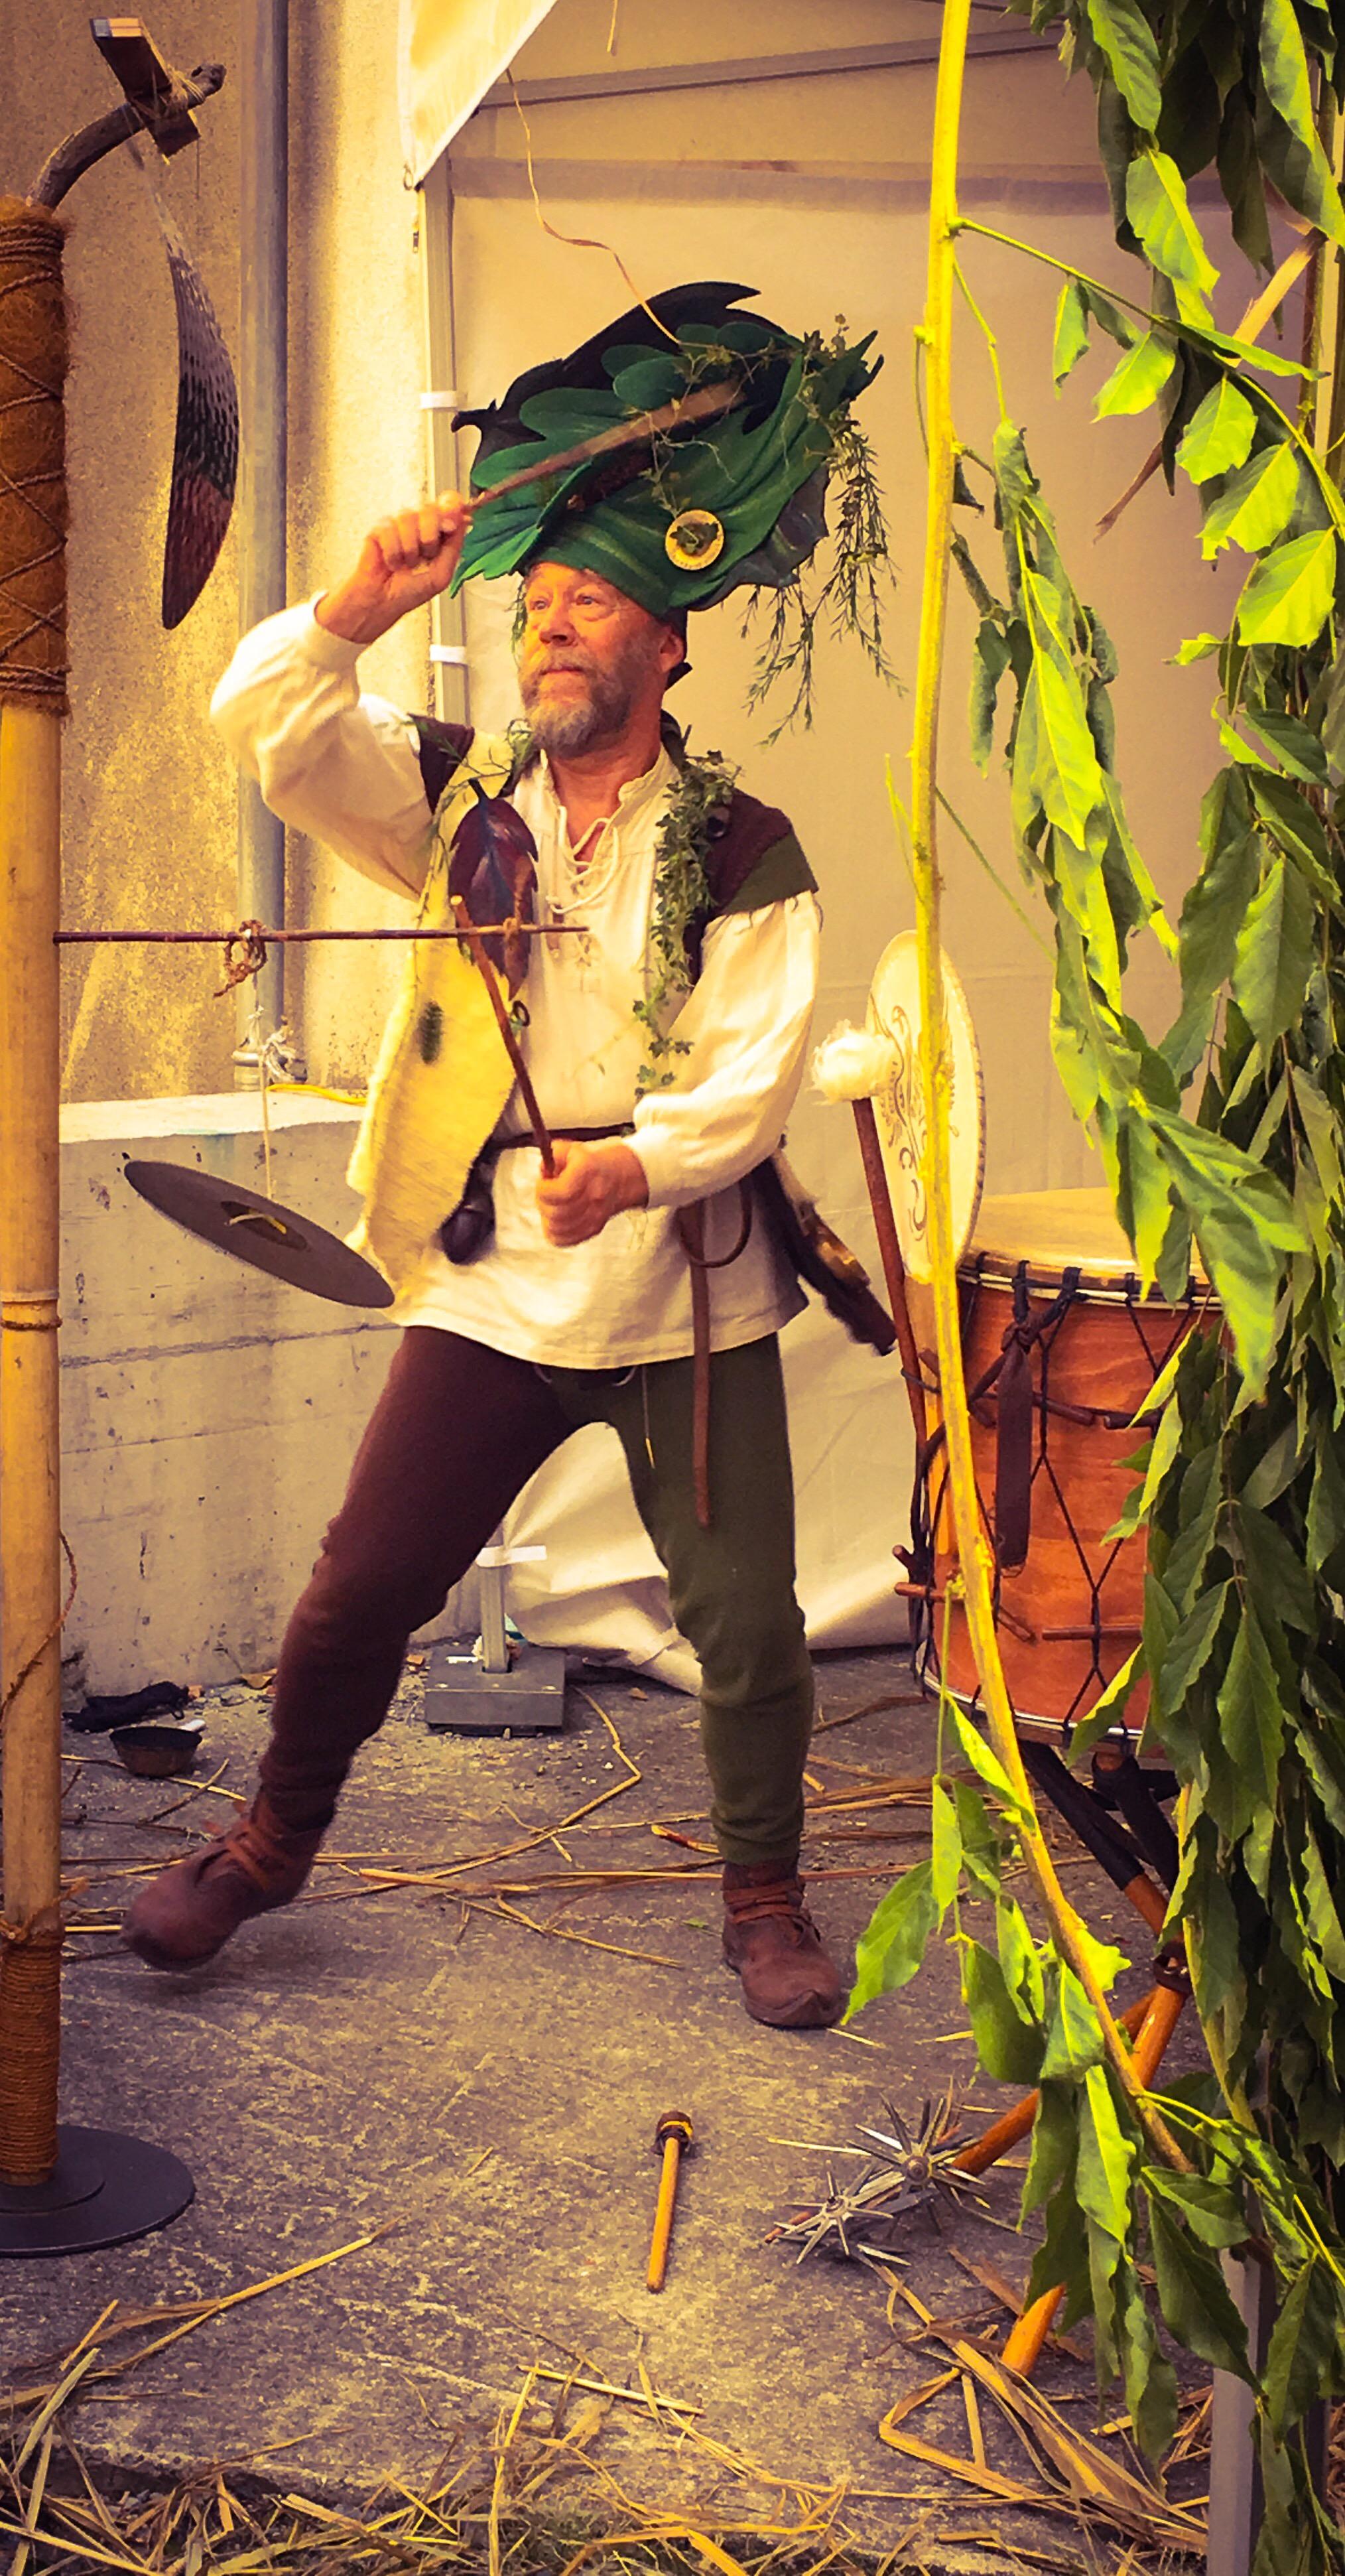 Phylarcius. Saillon. Ce spectacle, issu de la rencontre entre un jongleur et un percussionniste, crée une animation médiévale féérique fantastique qui réjouira aussi bien une fête du moyen-âge, un festival d'art de rue, un événement privé, qu'une cour de château. Procédez à un rapide voyage temporel versciedupetitgrimoire.ch